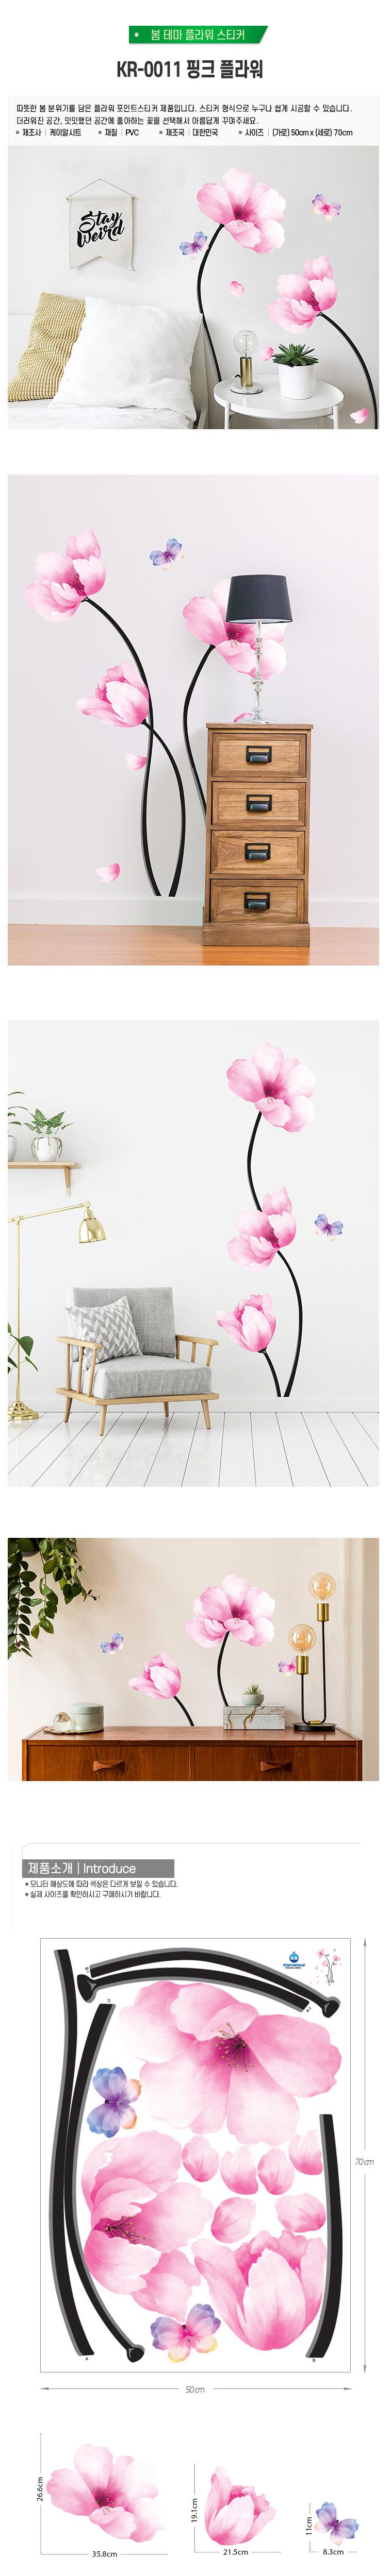 아트 플라워 시리즈 포인트 스티커 꽃 6종 - 케이알인터내셔날, 7,700원, 월데코스티커, 사람/키즈